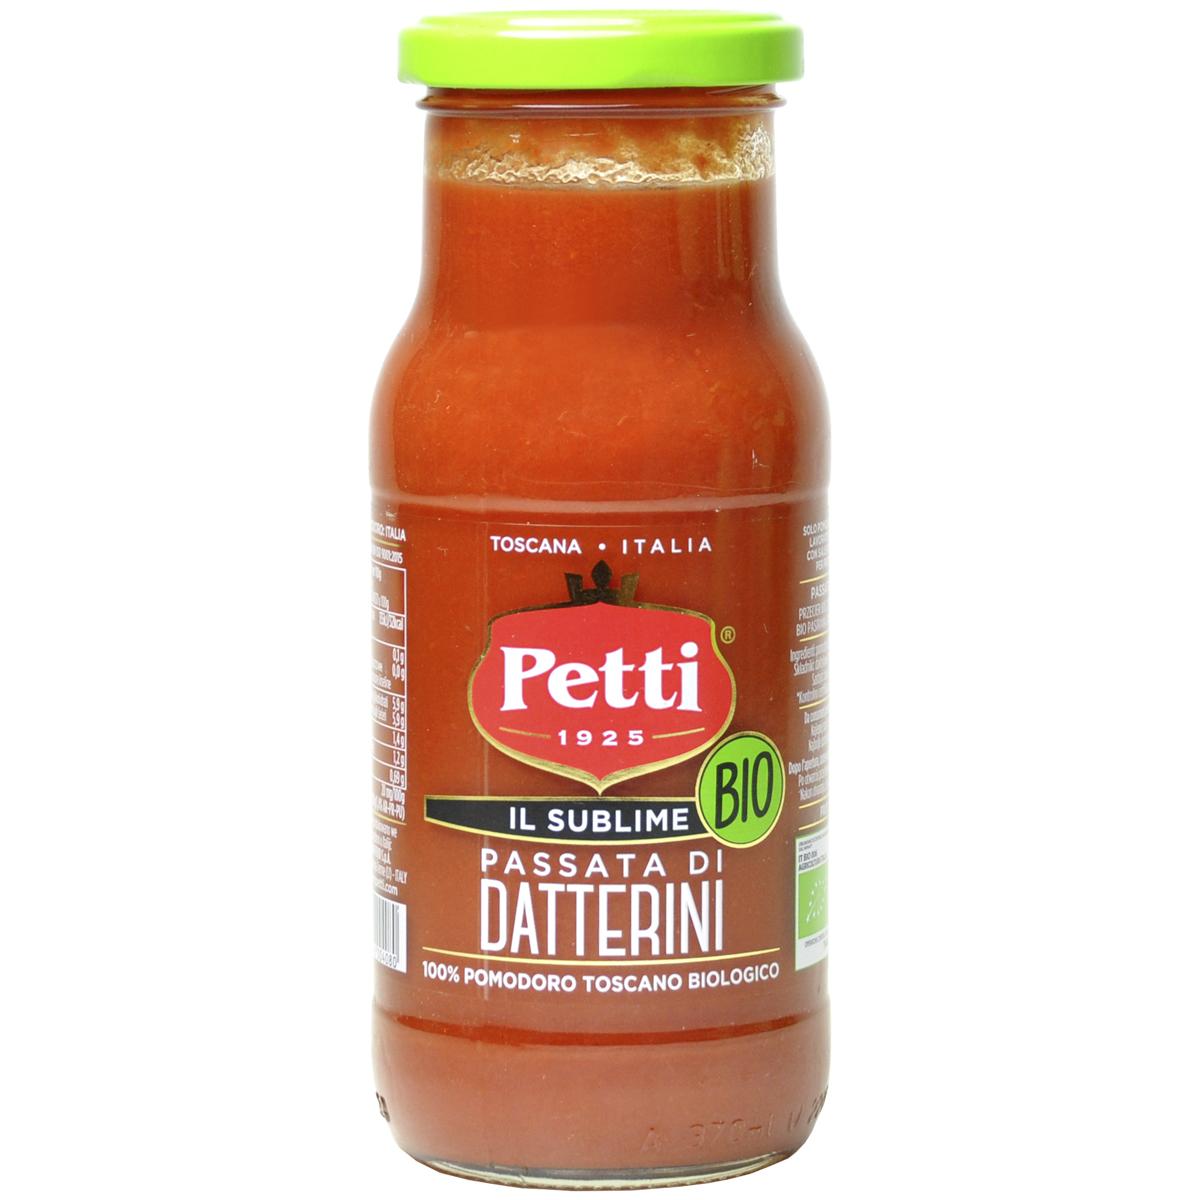 Petti Натуральный томатный соус Пассата из Даттерини БИО 350 г